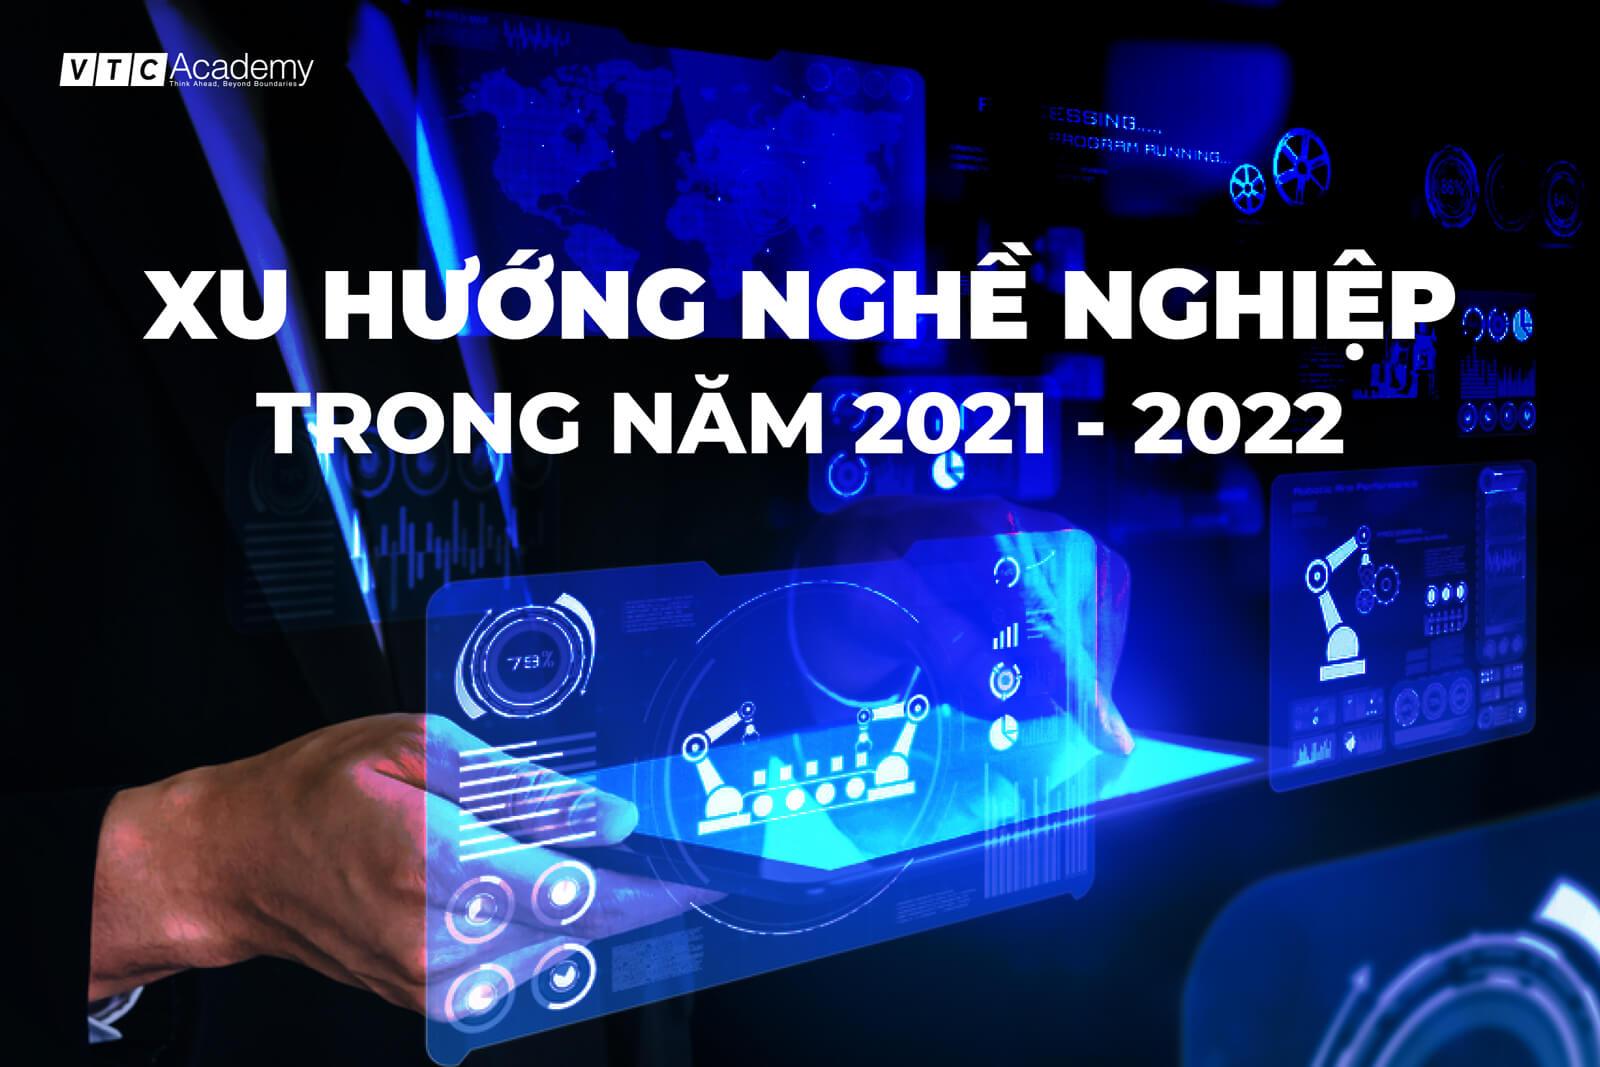 Những xu hướng nghề nghiệp trong năm 2021 - 2022